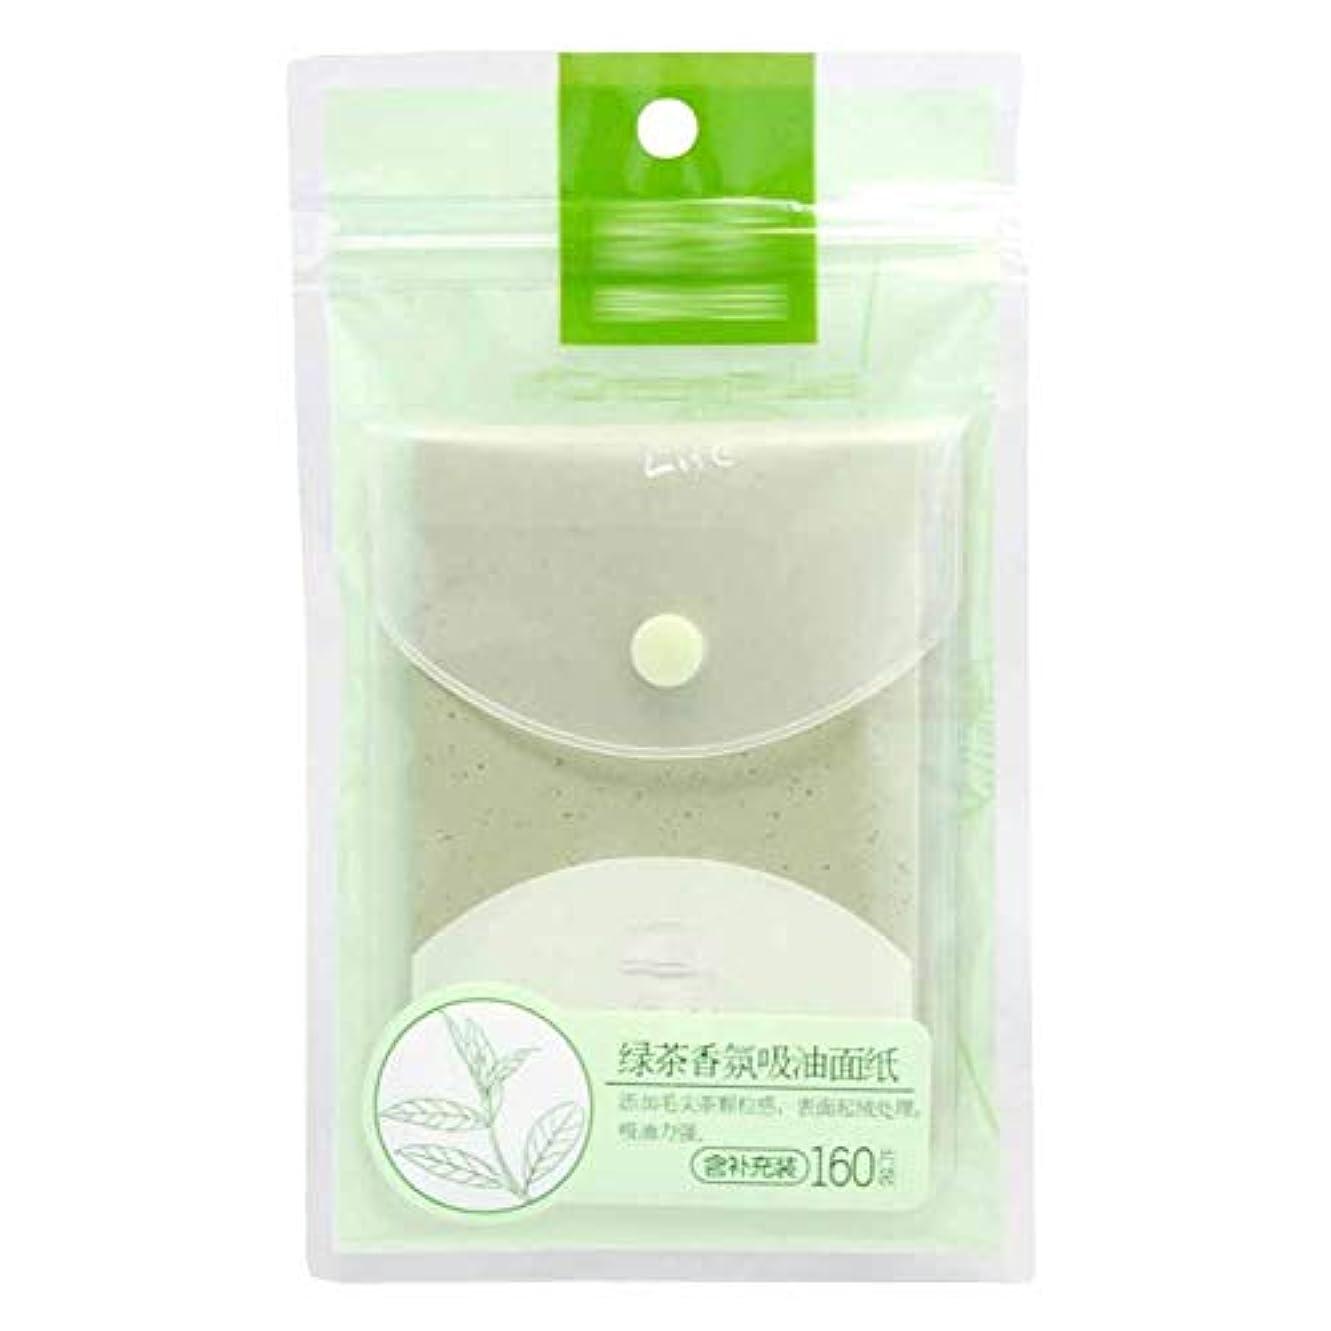 獣方法論寛大さ緑茶の携帯用吸油性シート、2パックの合計320シート